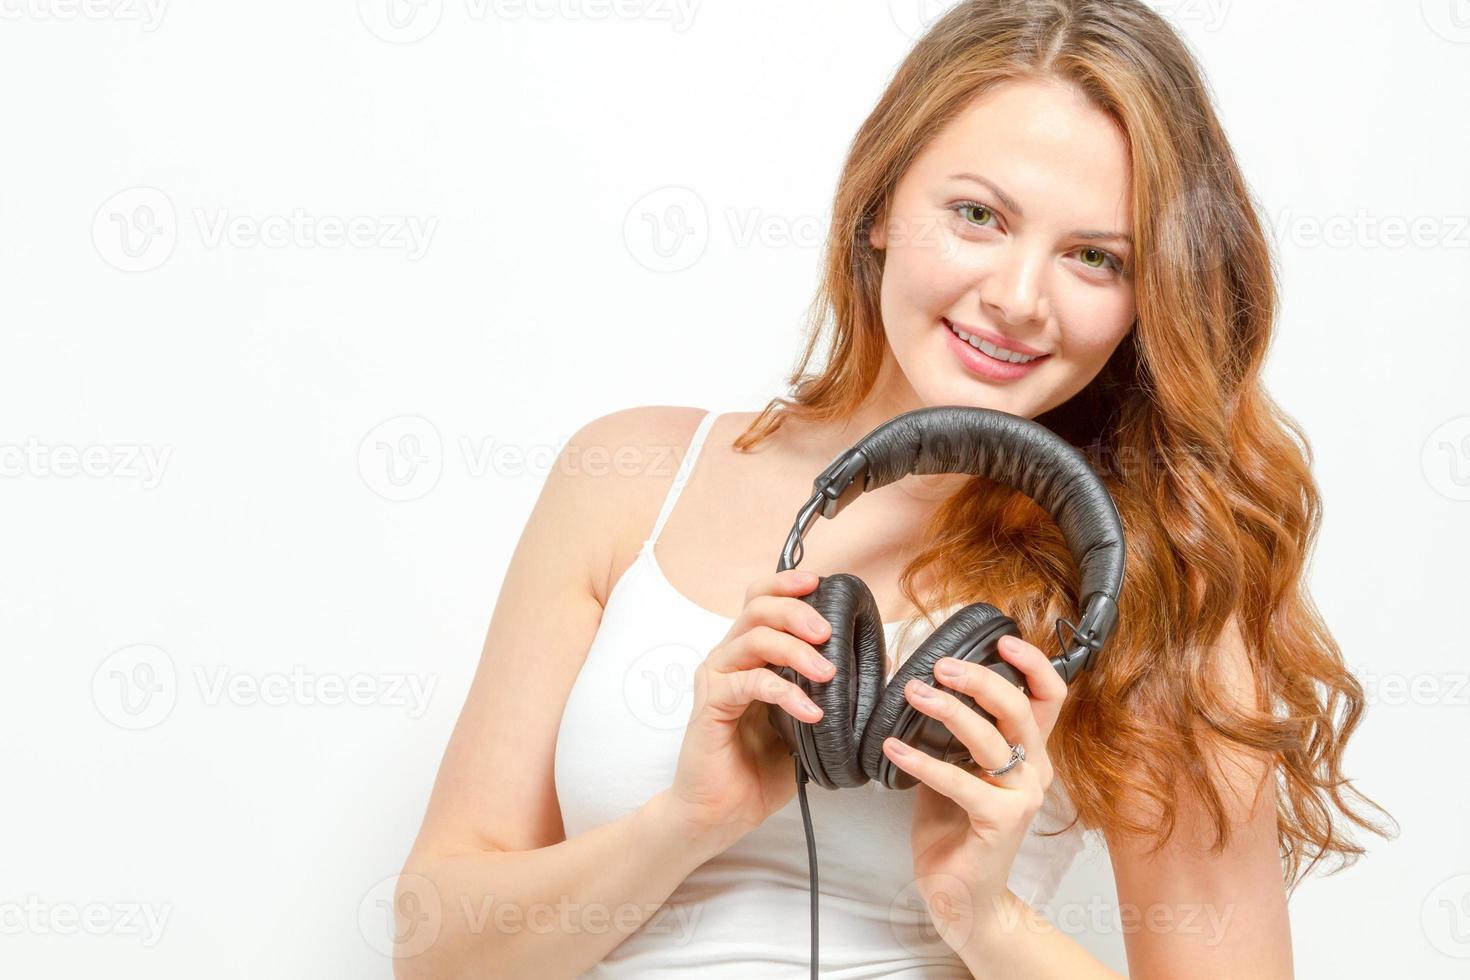 alegre mulher segura fones de ouvido no pescoço foto